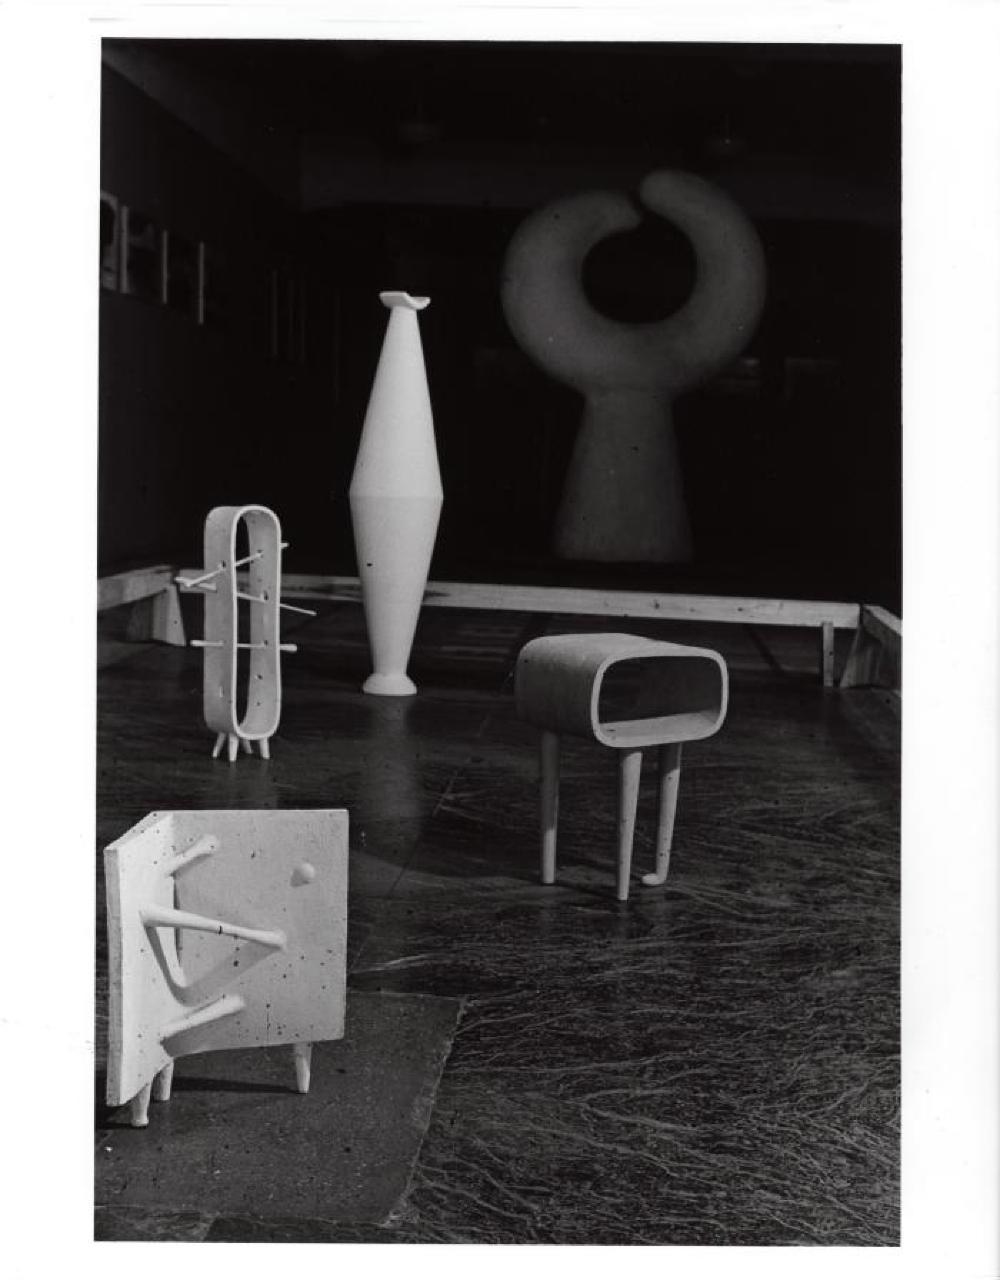 Exhibition photograph: Isamu Noguchi, Mitsukoshi Department Store (August 18-27, 1950) - Photograph: Isamu Noguchi, image 2